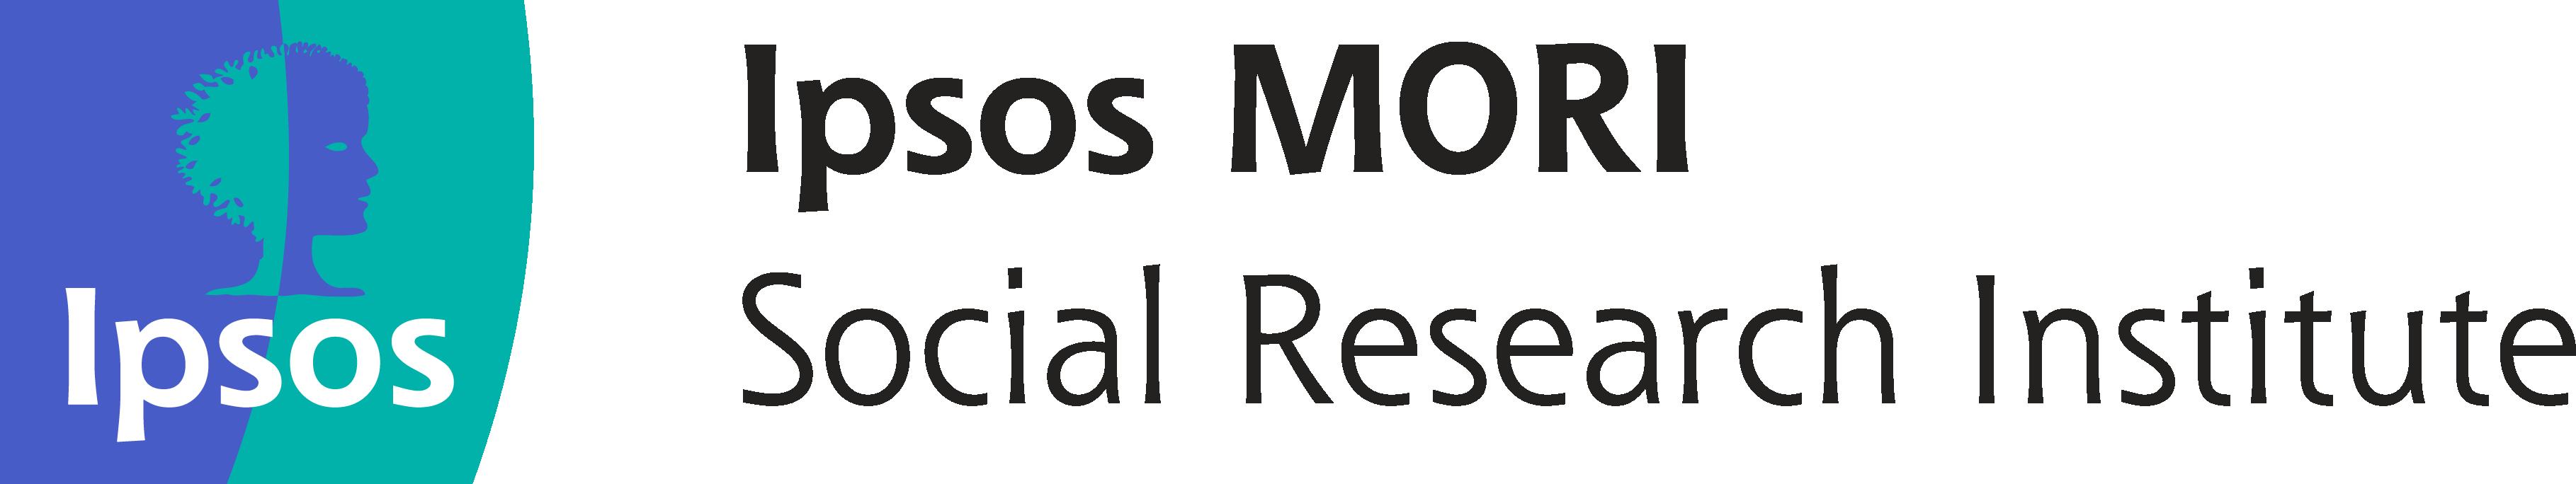 Ipsos MORI SRI logo black